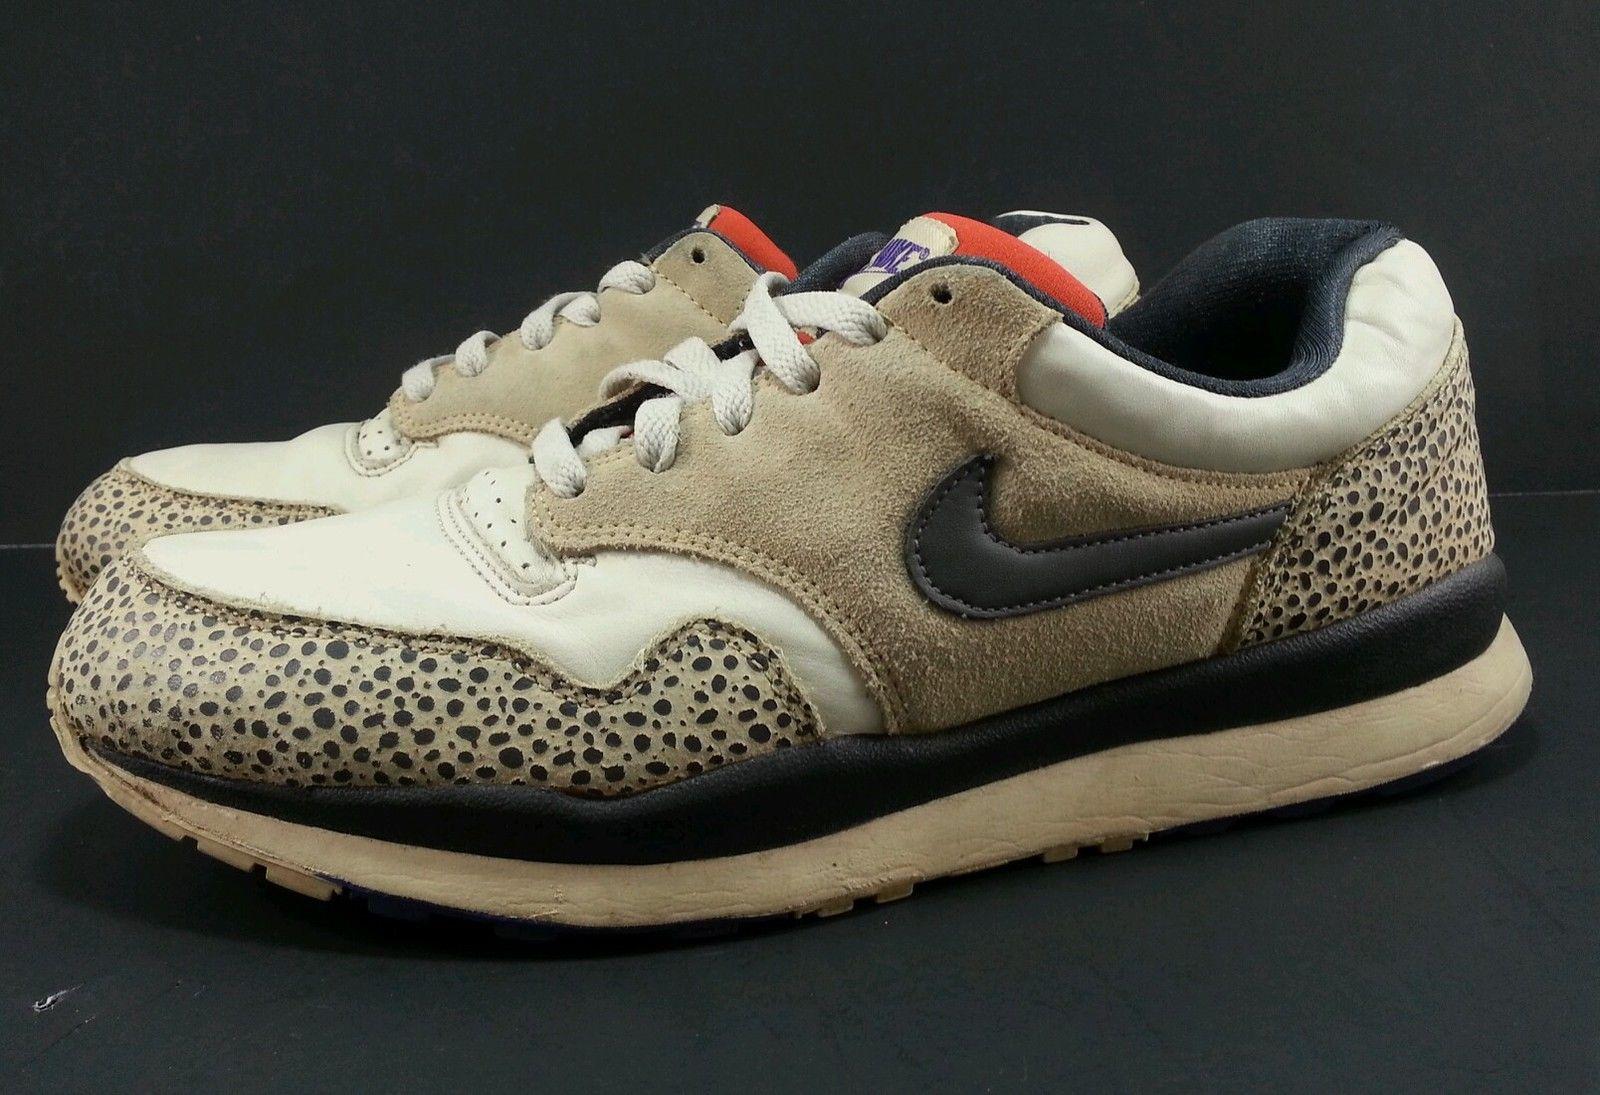 Nike Air Max 97 Fit